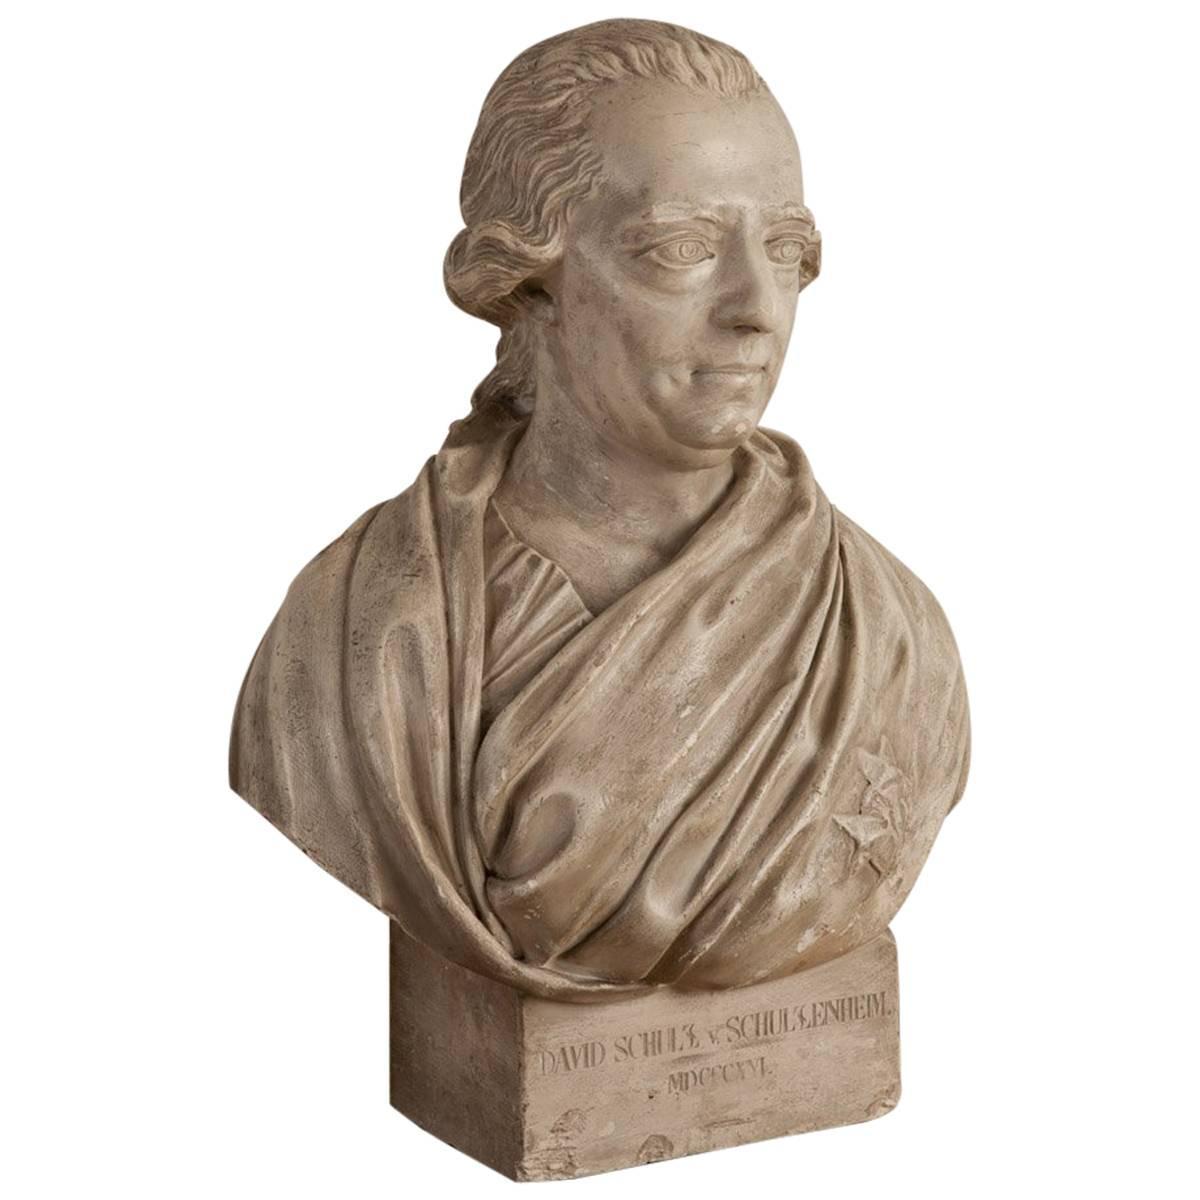 Gustavian Sculptures